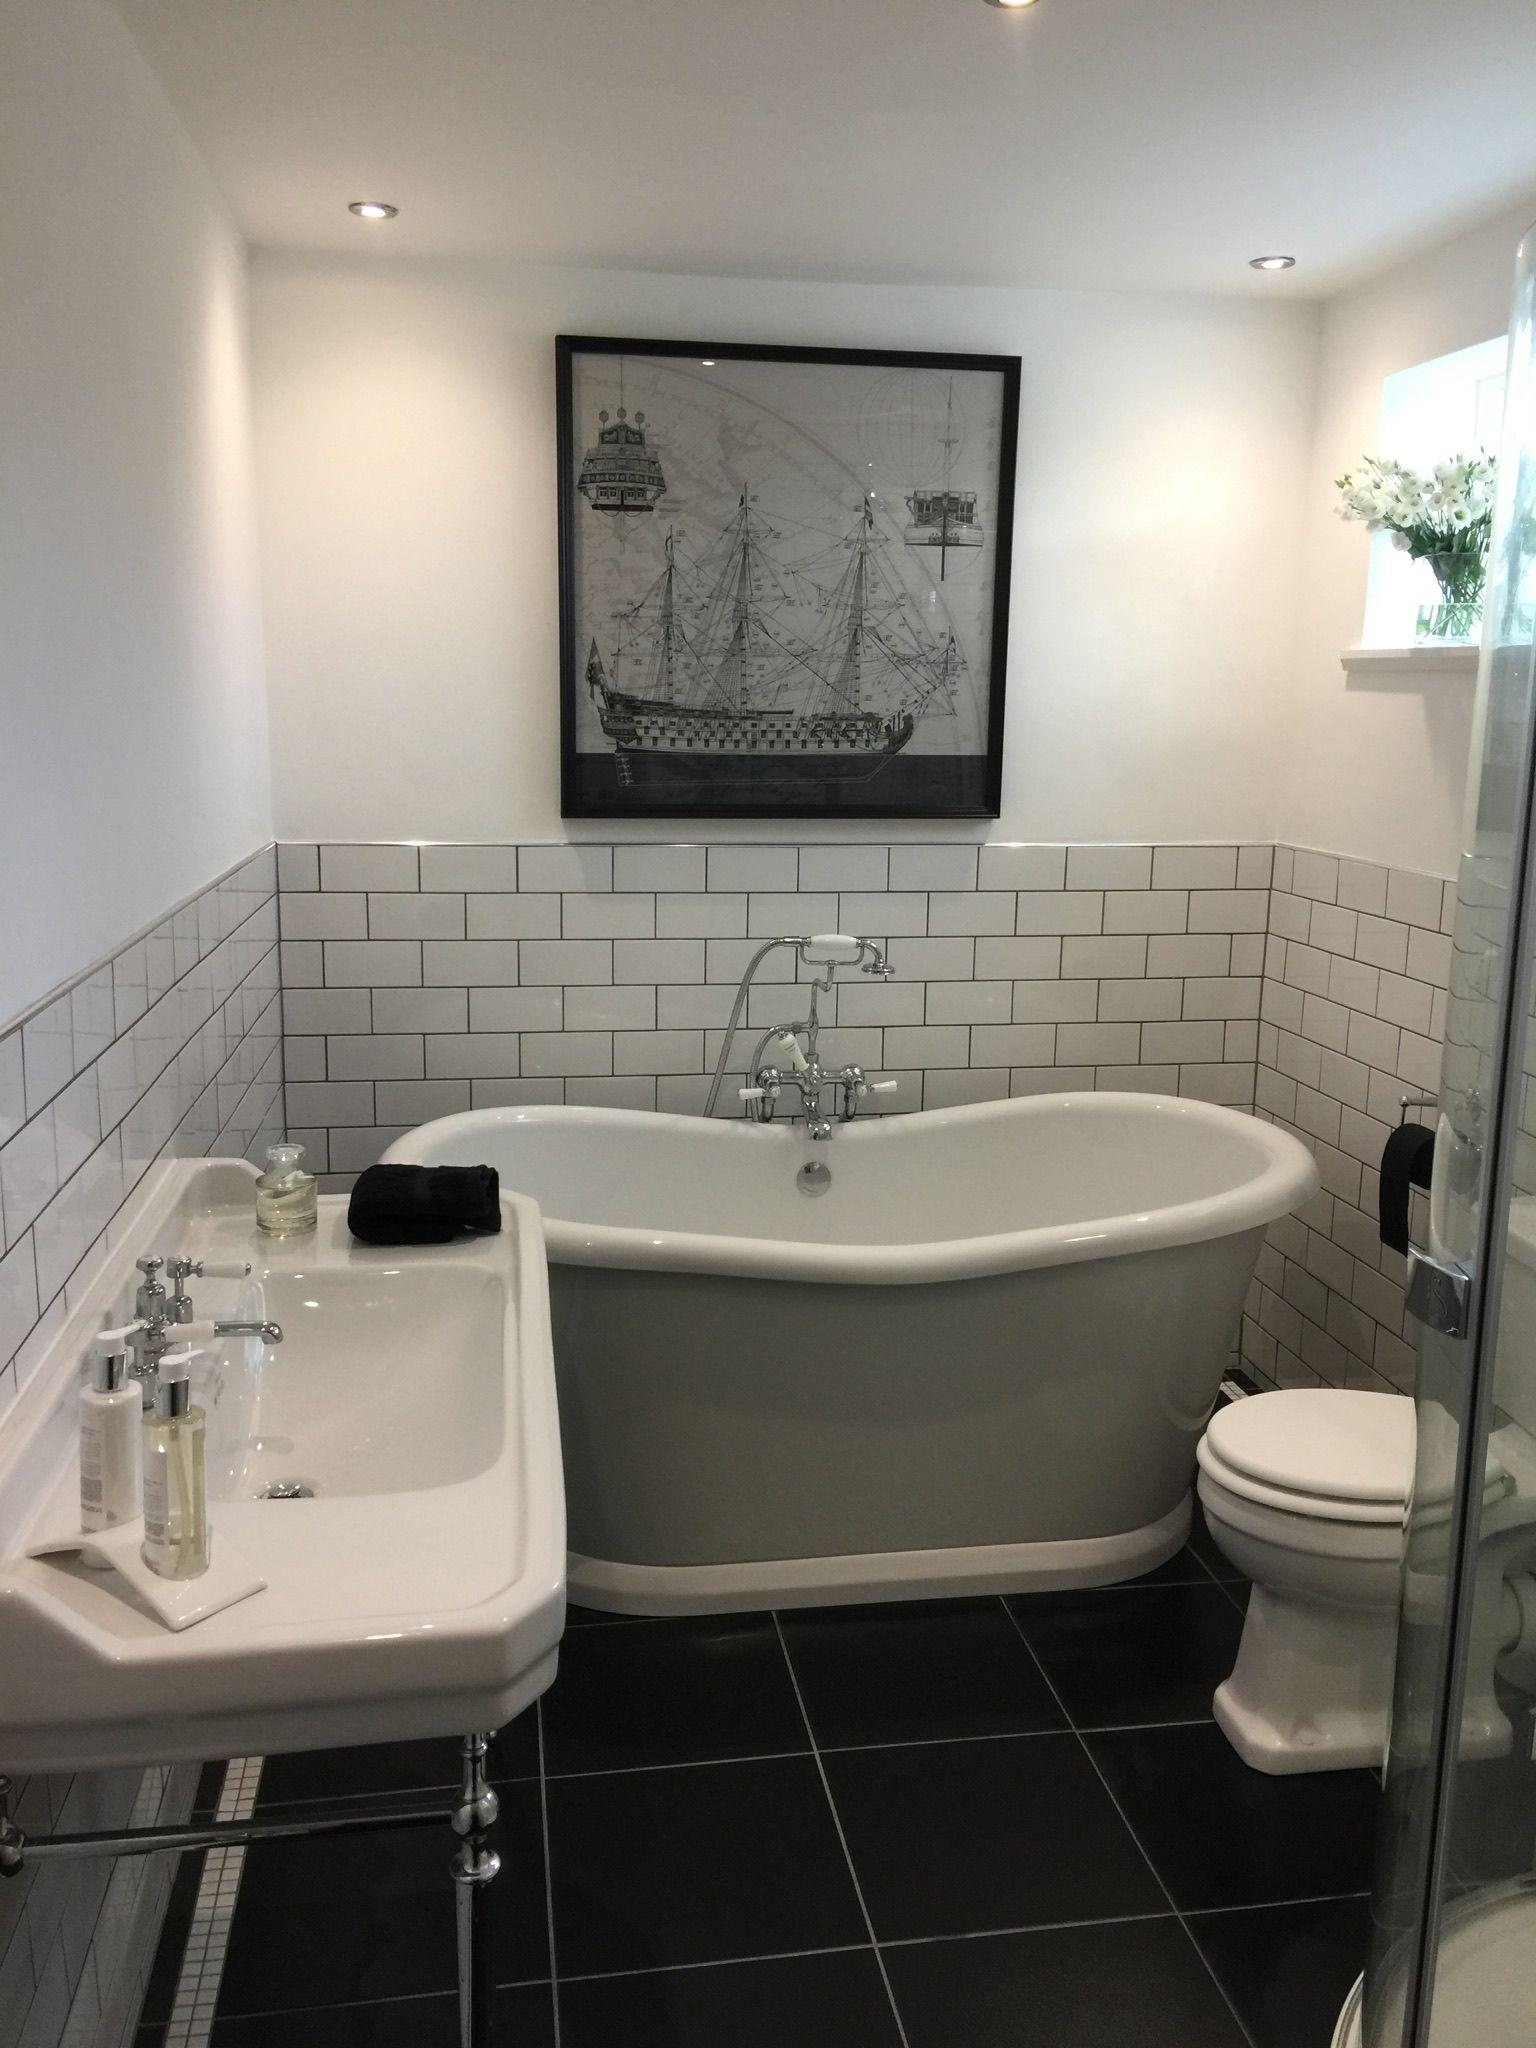 Badezimmer dekor gelb black and white burlington bathroom  kleines bad in